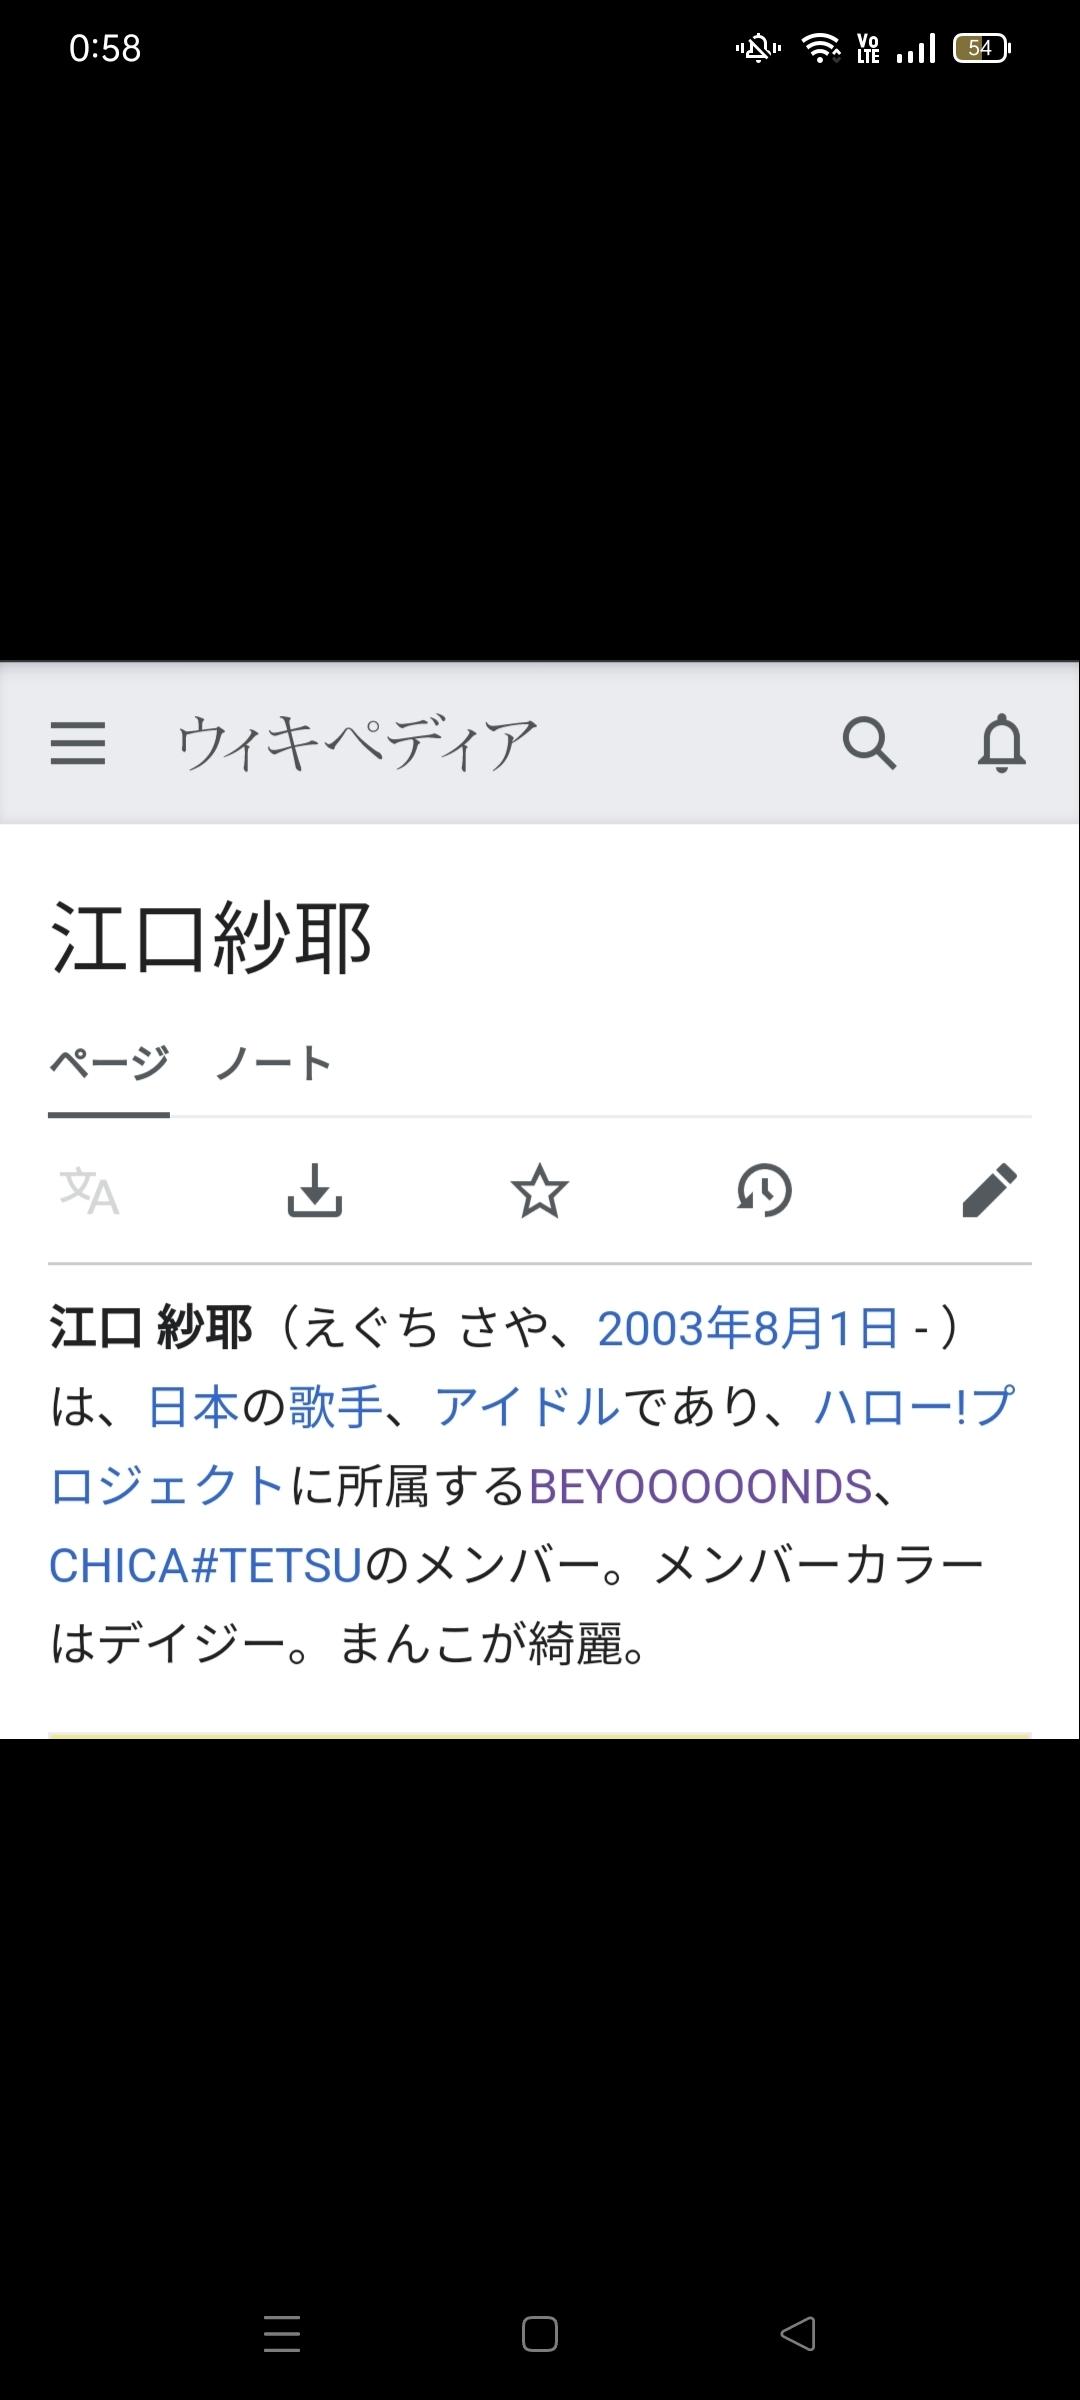 caaztyp_60cfdab18fdb5.jpg